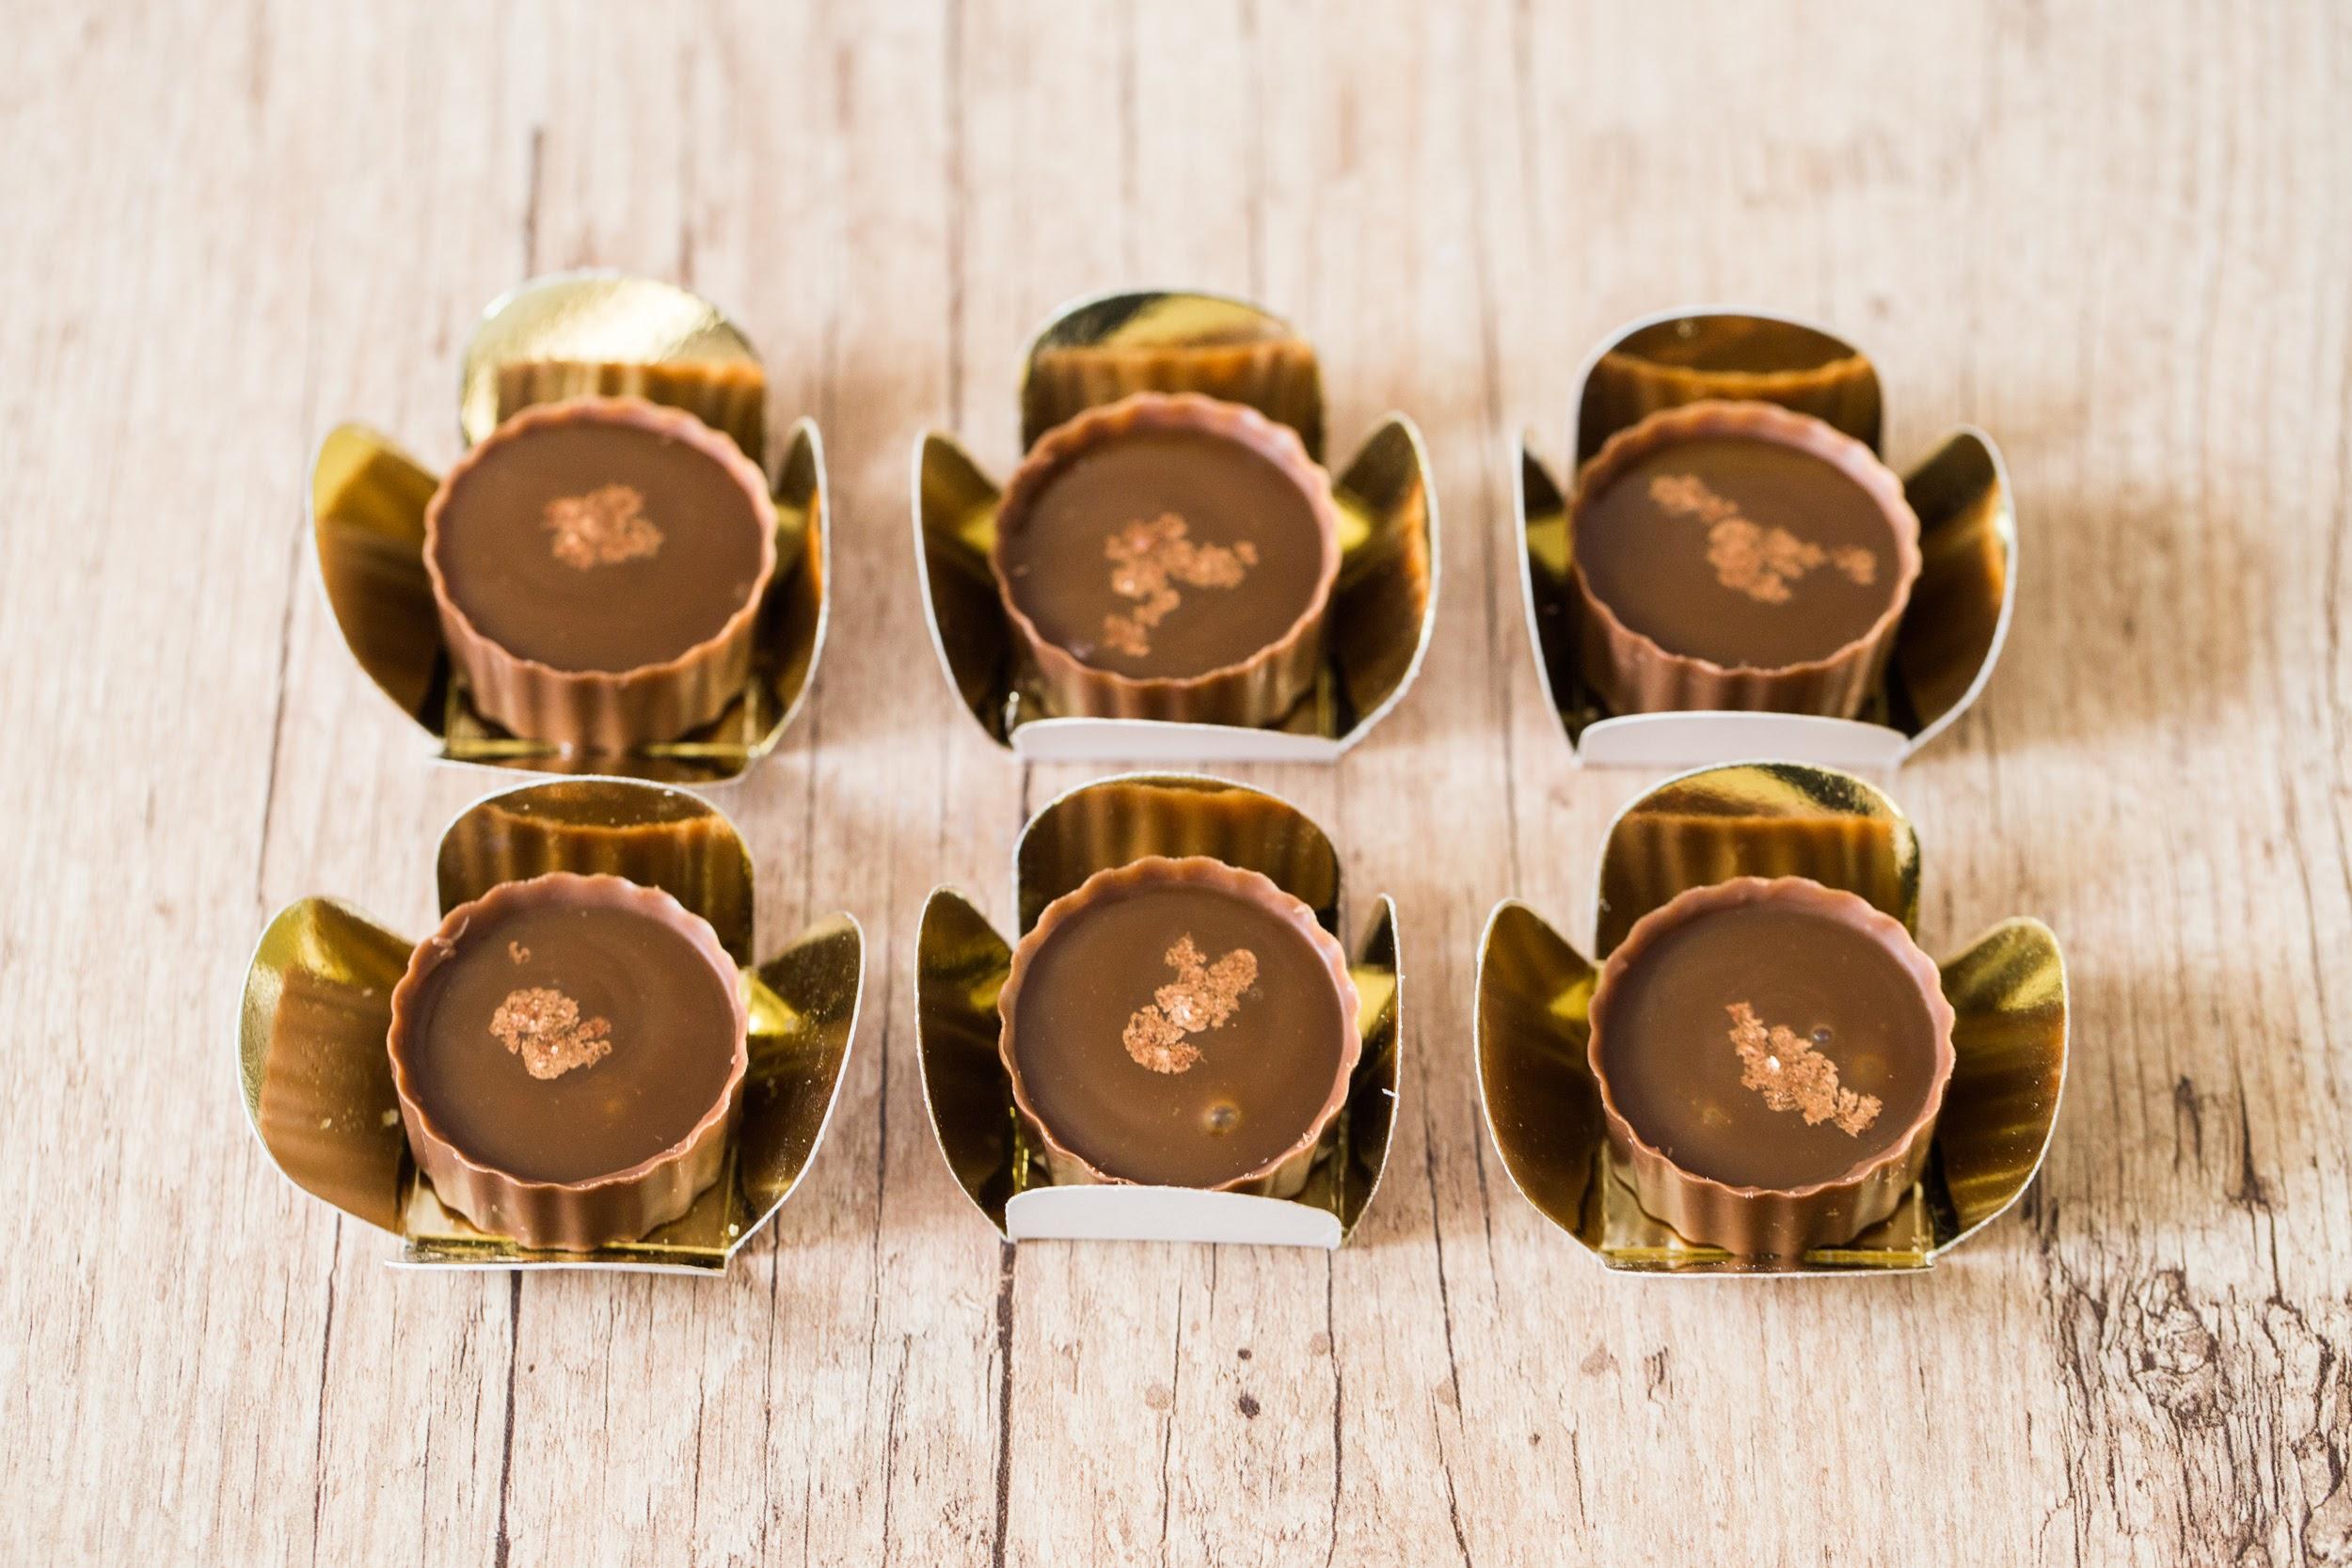 O casamento dos sonhos combina com os chocolates da premiada Sucré! Pacote com 250 Chocolates ao leite, cookies, brownie, nutella e caramelo por R$348,50. Eleita a melhor doceria de 2018/19 pela Veja Comer e Beber Fortaleza!